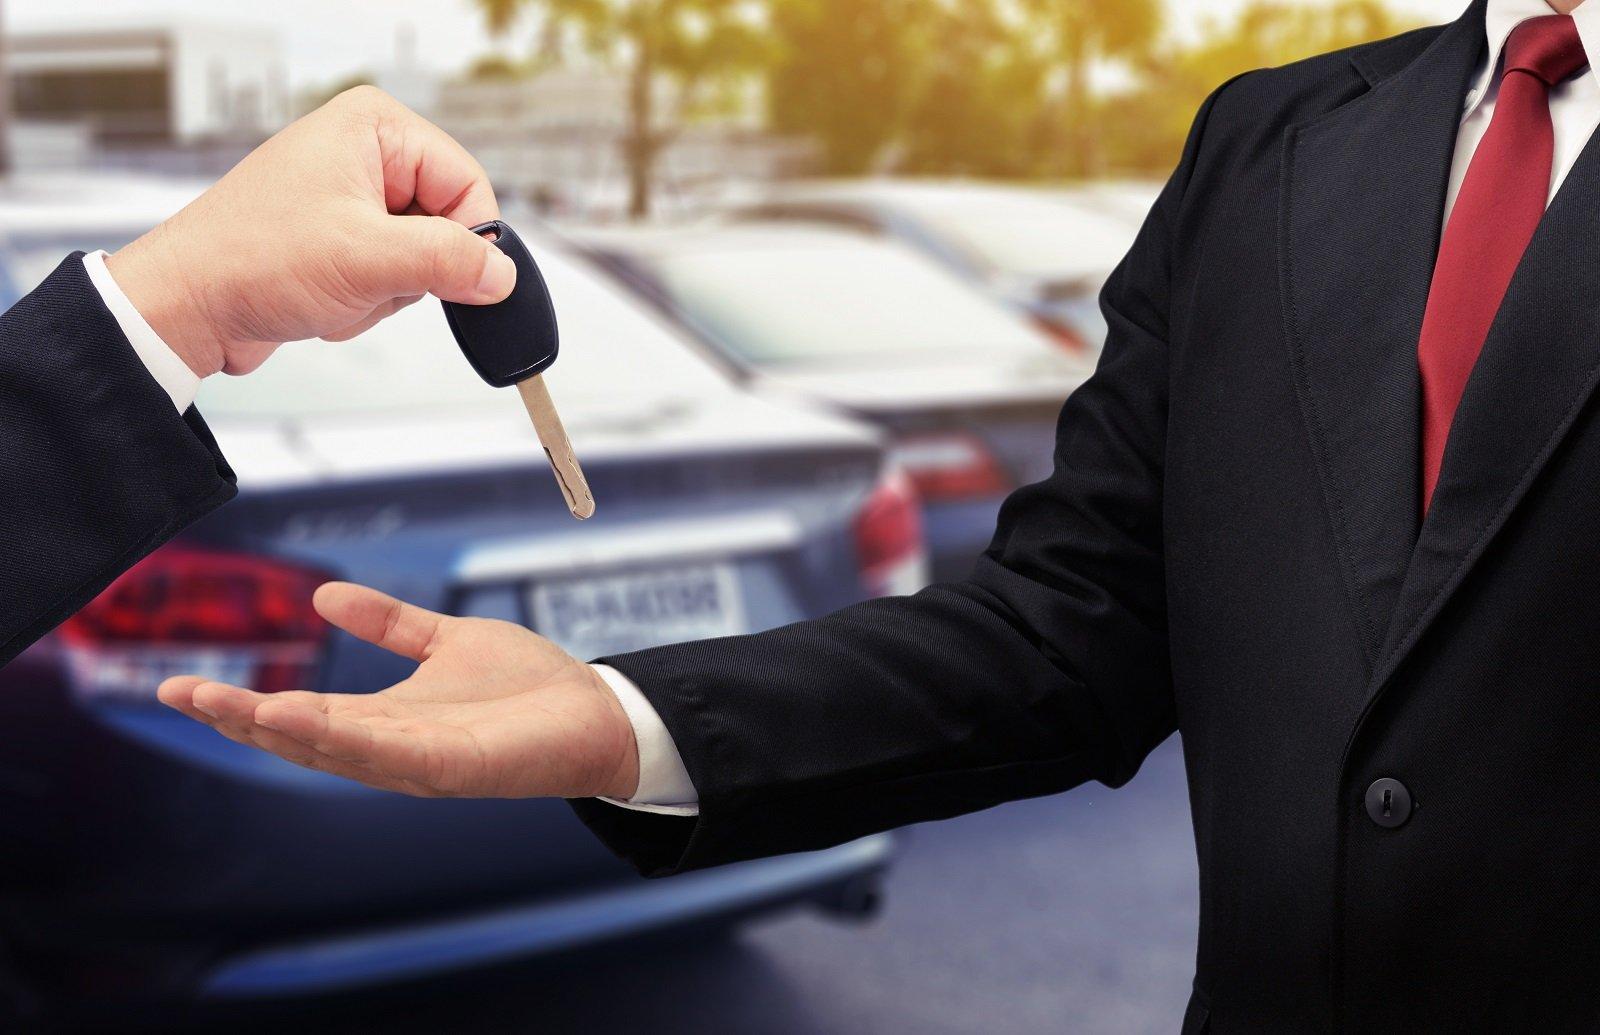 consegna di chiavi da parte di addetto dell'autonoleggio